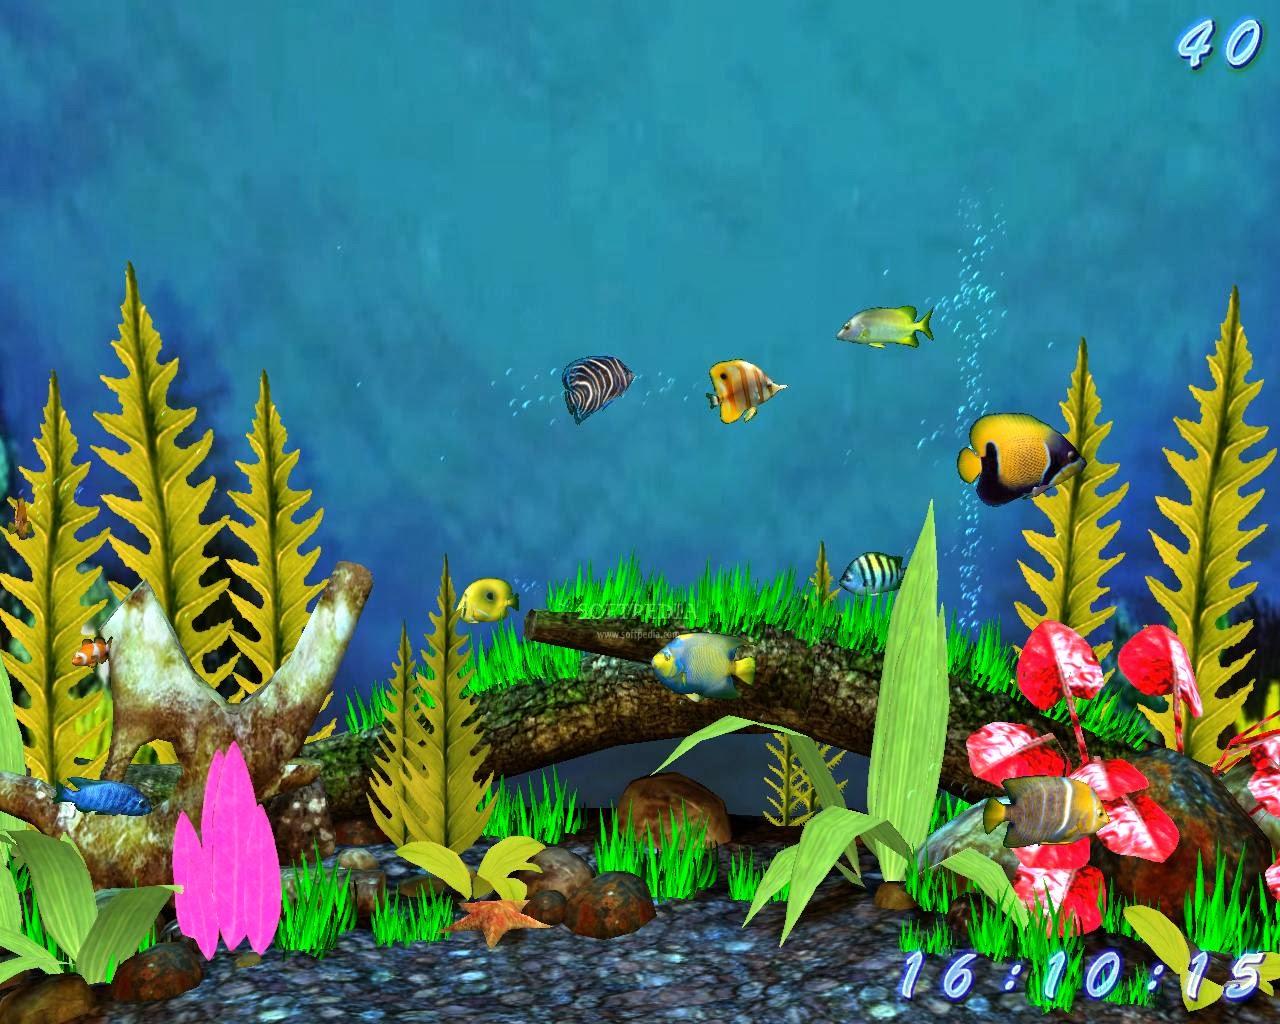 Aquarium Desktop Wallpapers Download   blogtes 1280x1024